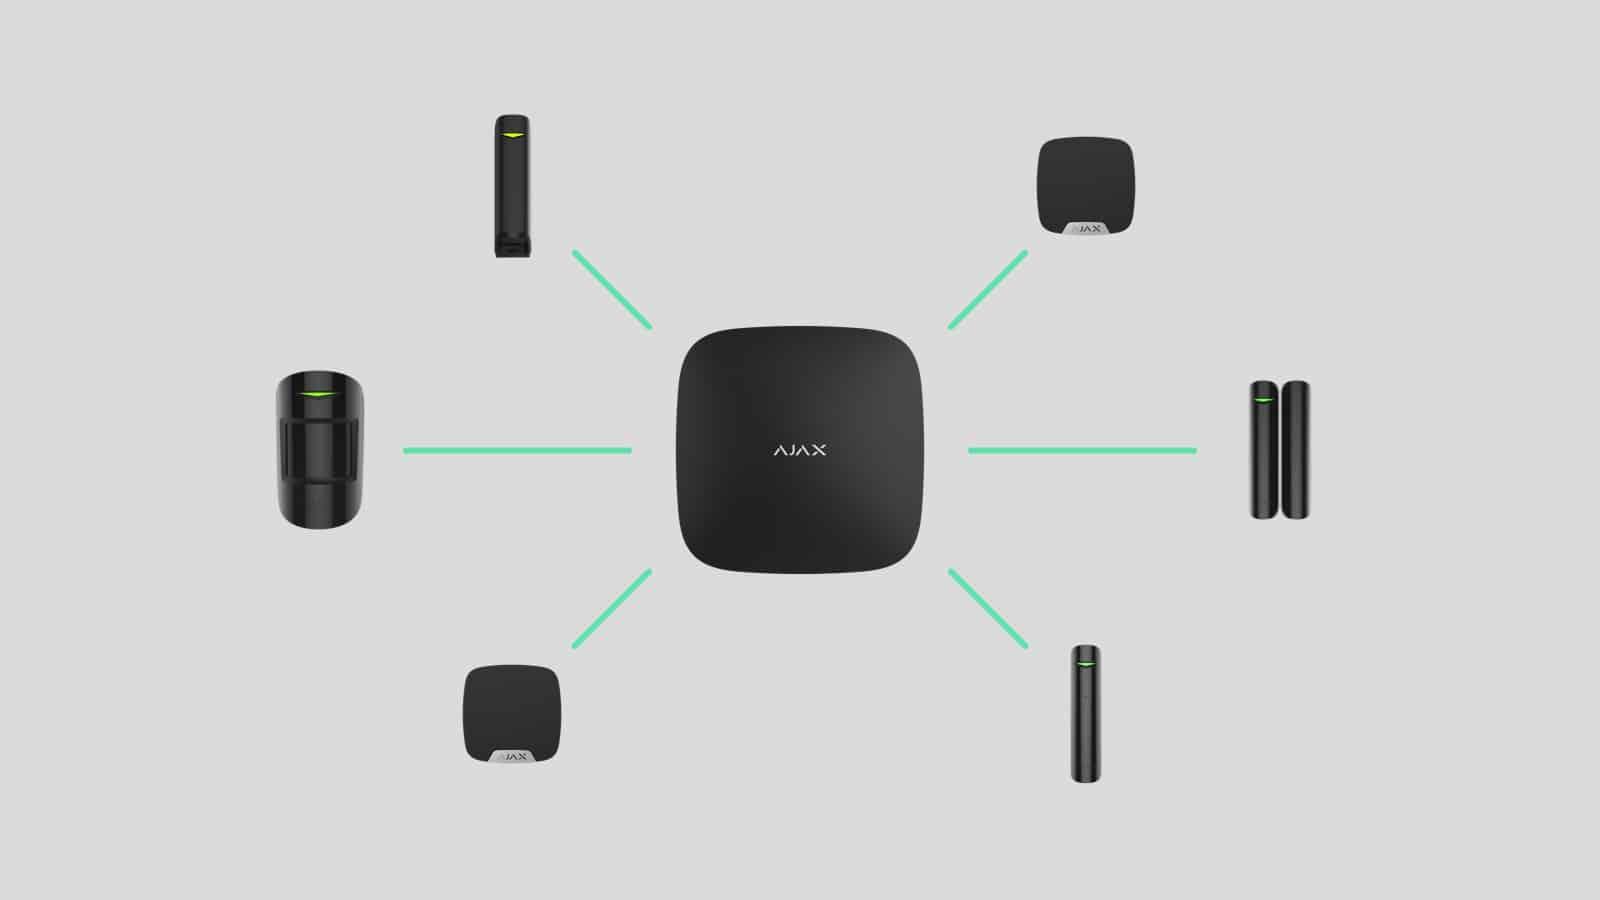 Τι ραδιο-τεχνολογία χρησιμοποιεί το σύστημα Ajax